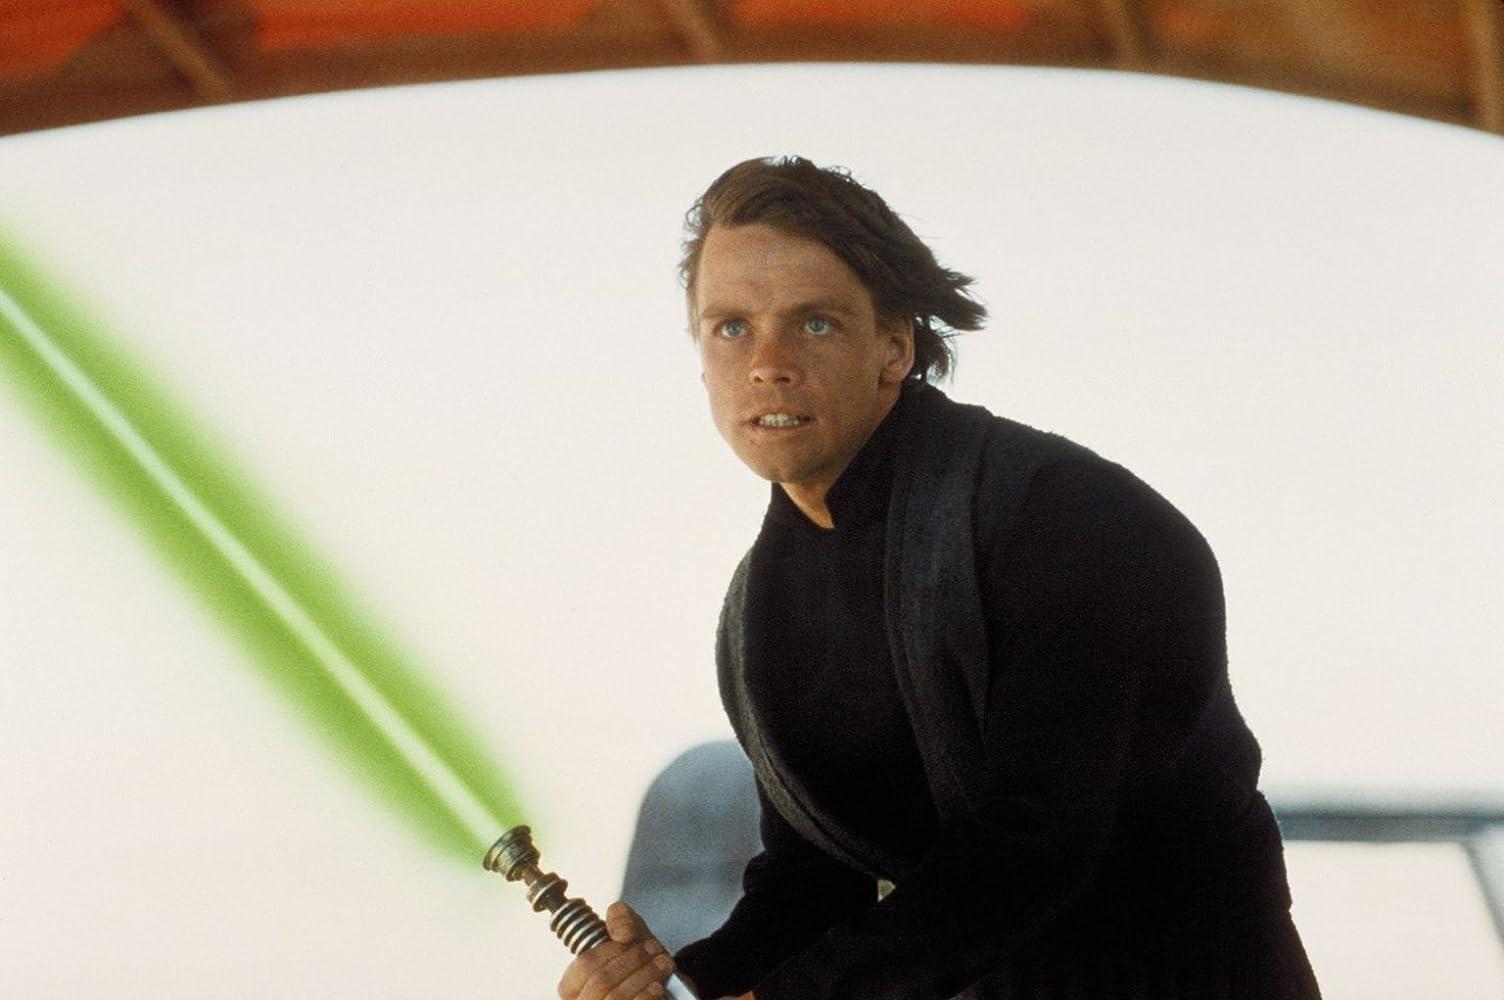 Mark Hamill in Star Wars: Episode VI - Return of the Jedi (1983)